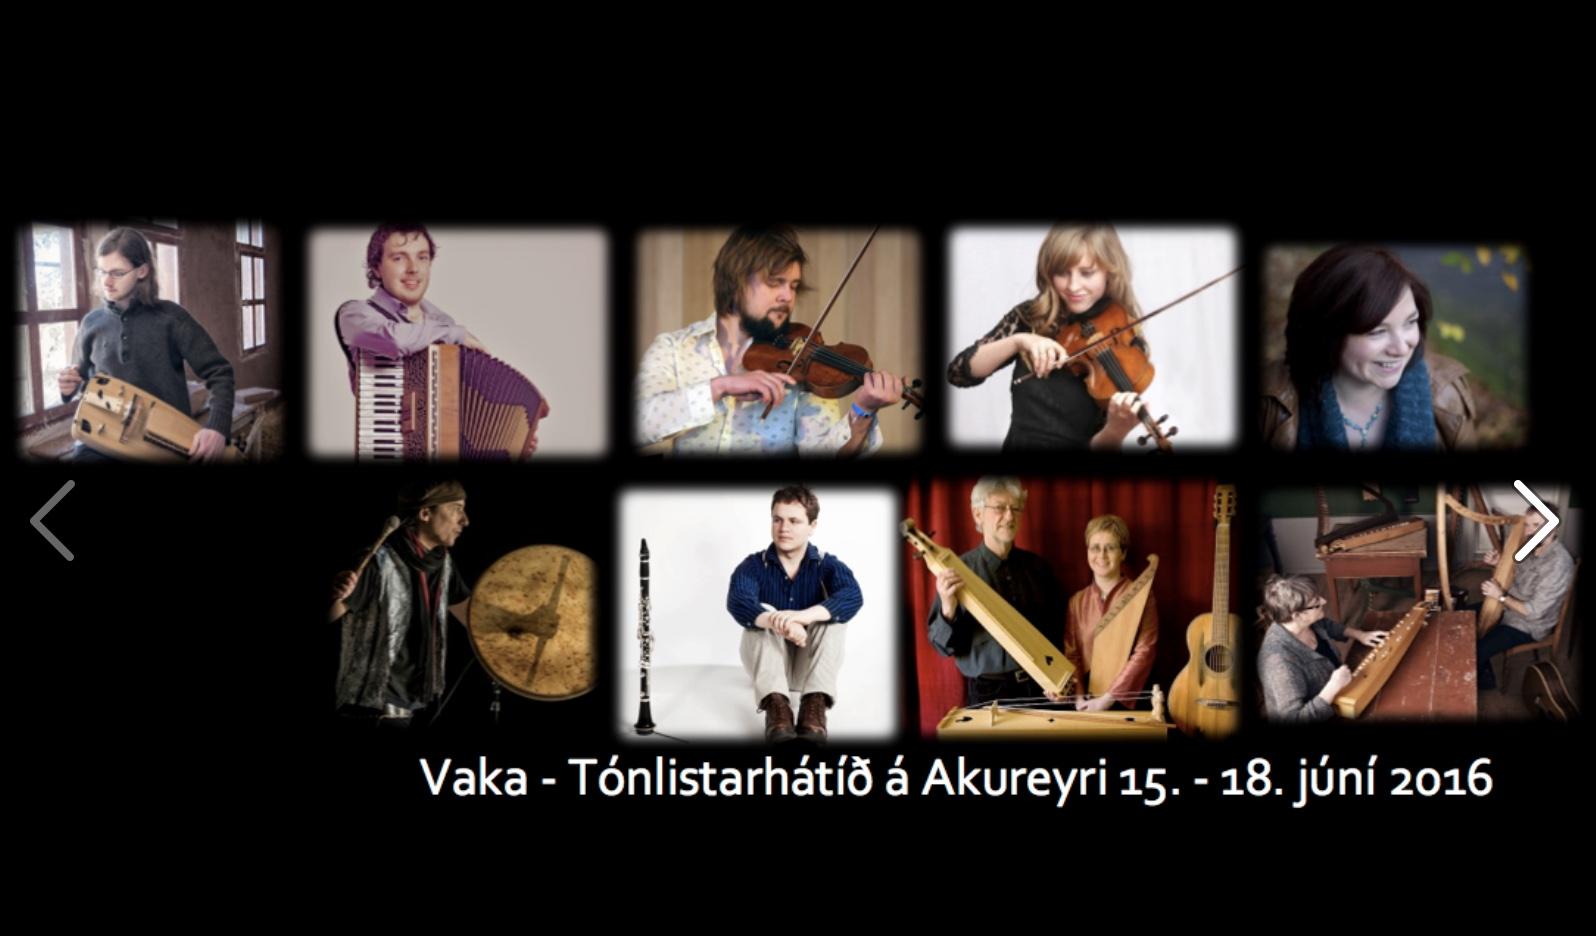 Vaka Folk Arts Festival - Iceland